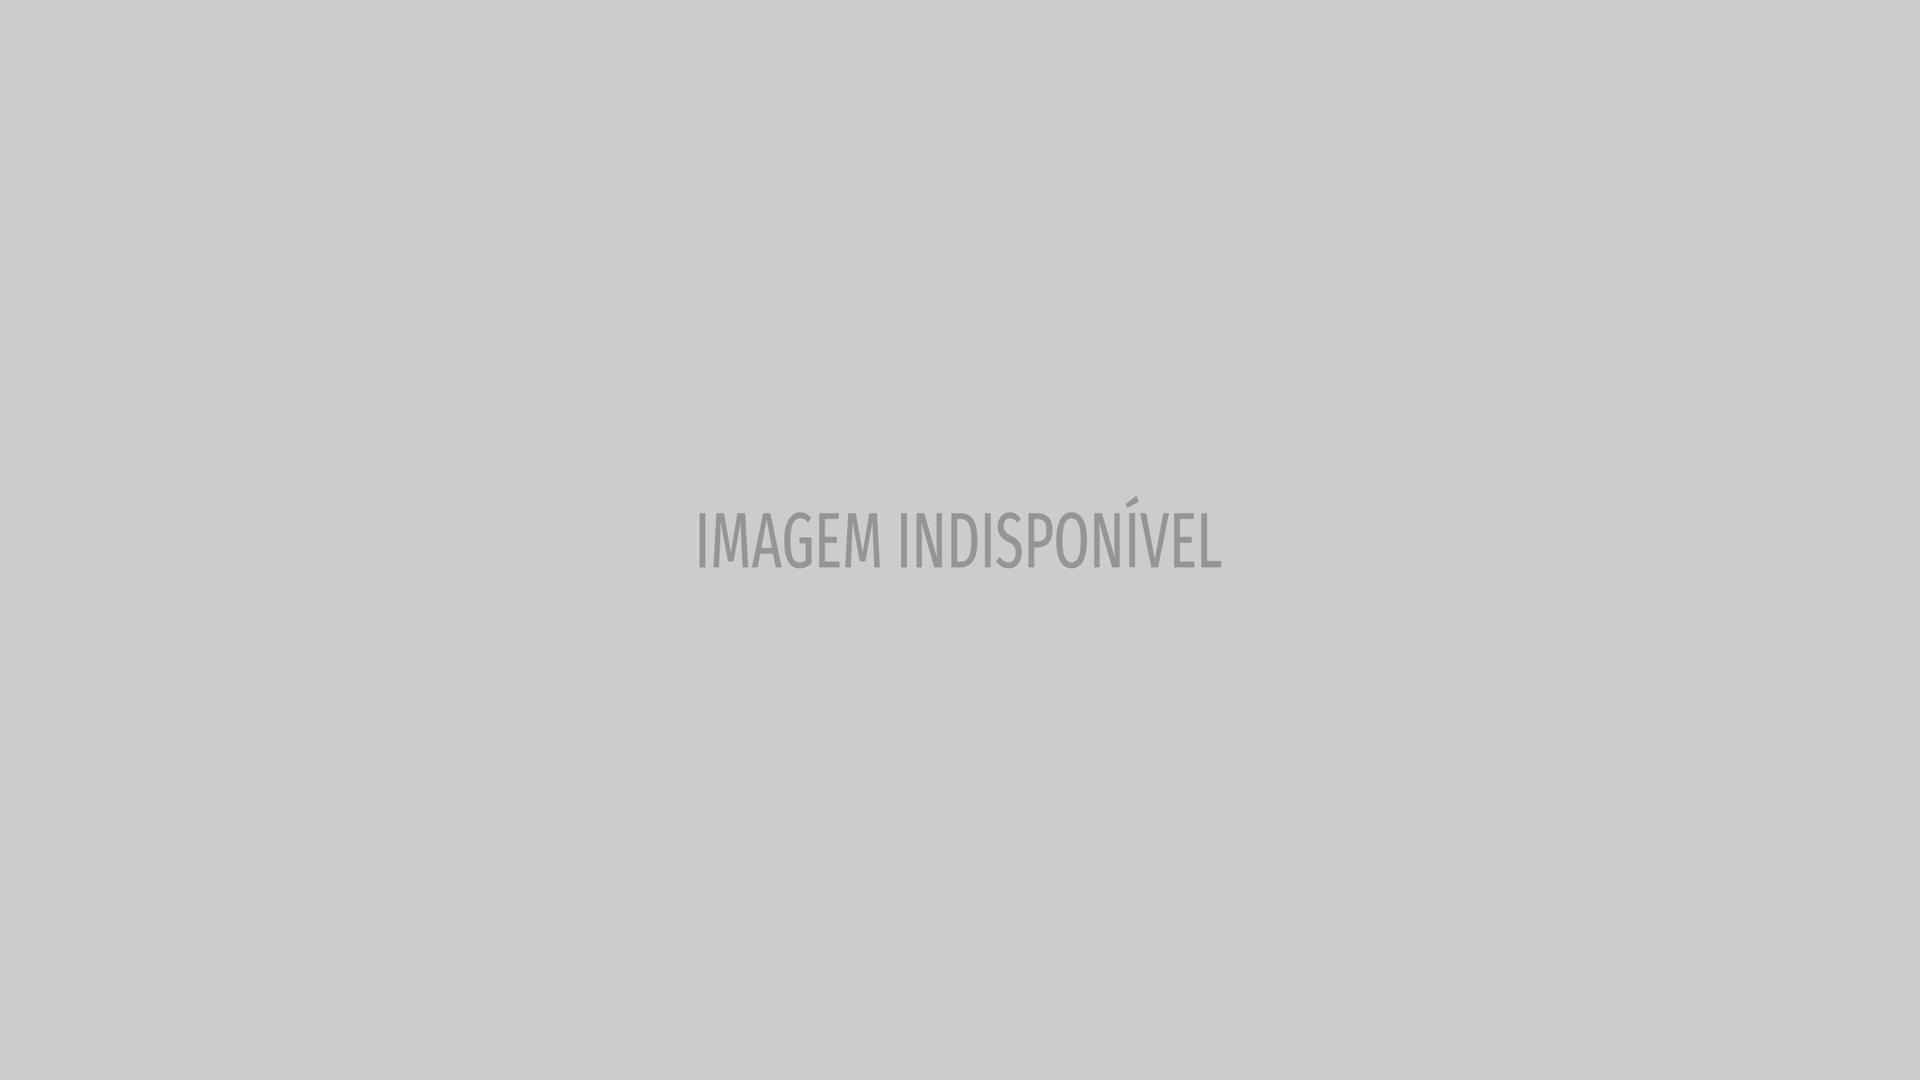 Seguidor faz oferta por calcinhas de Susana Werner: 'Desejo'